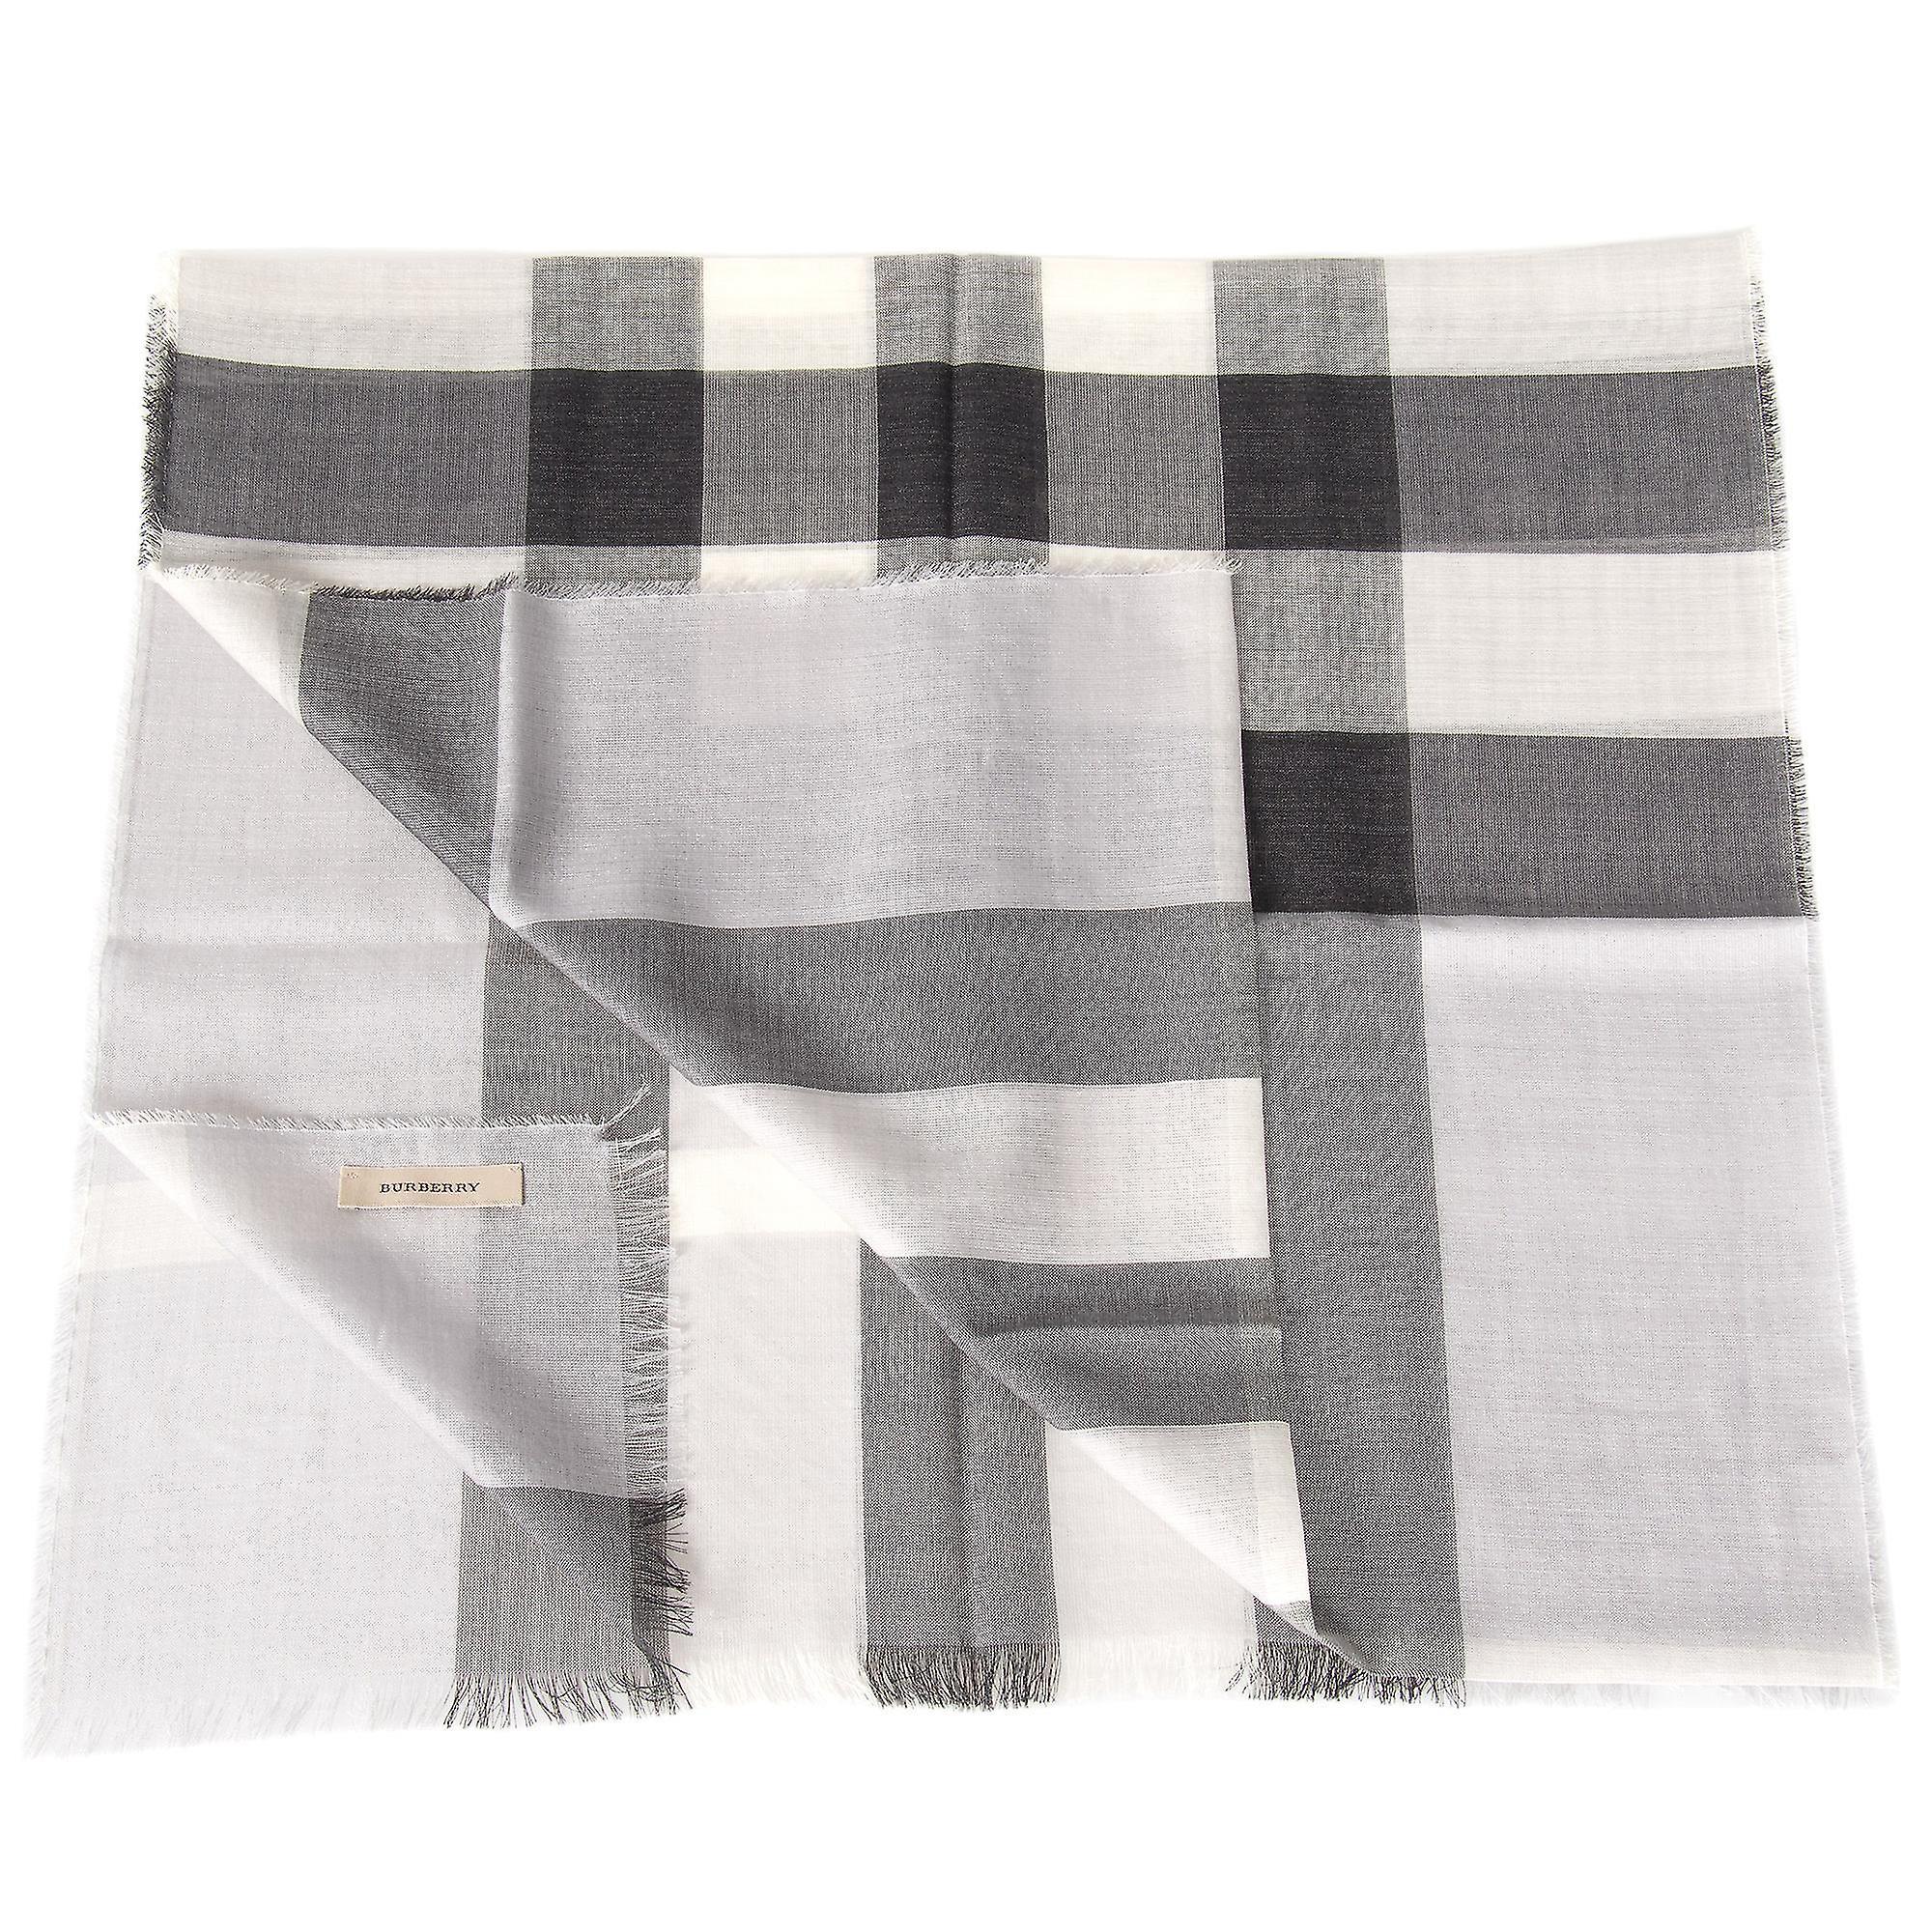 Burberry lett av ull og silkeskjerf | Blek grå